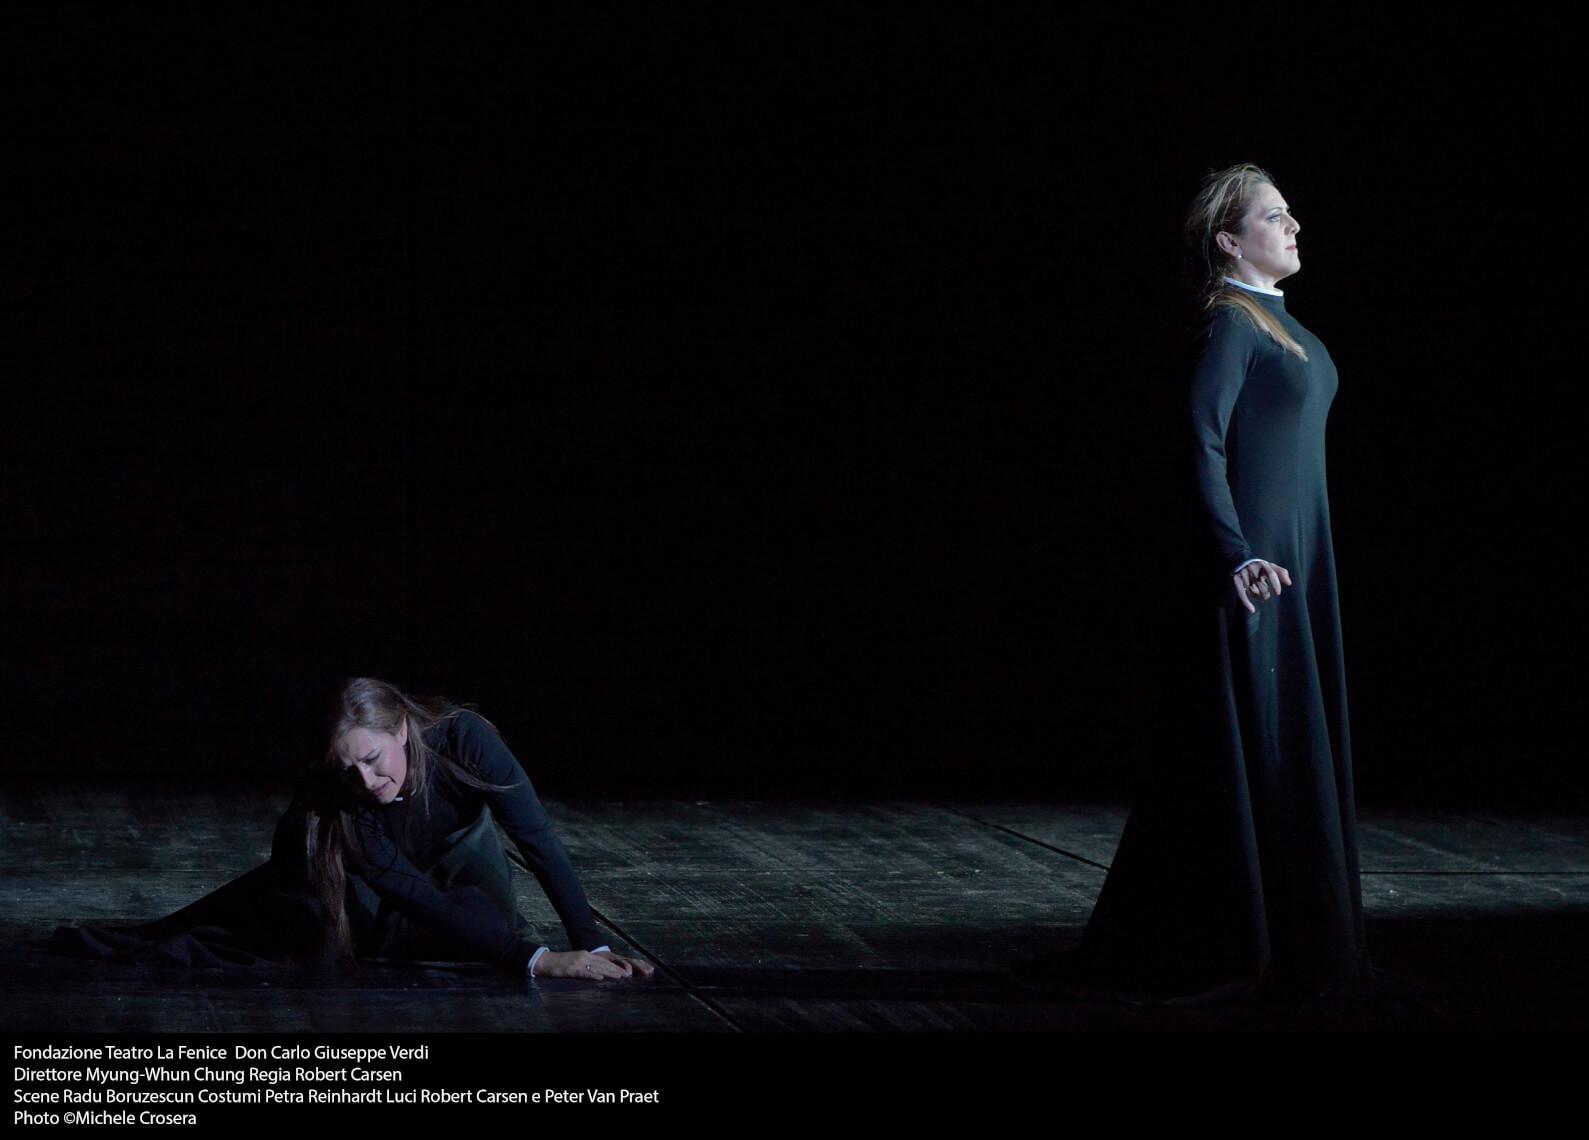 Teatro La Fenice - Don Carlo, a. III.1 sc. 5 - foto @ Michele Crosera